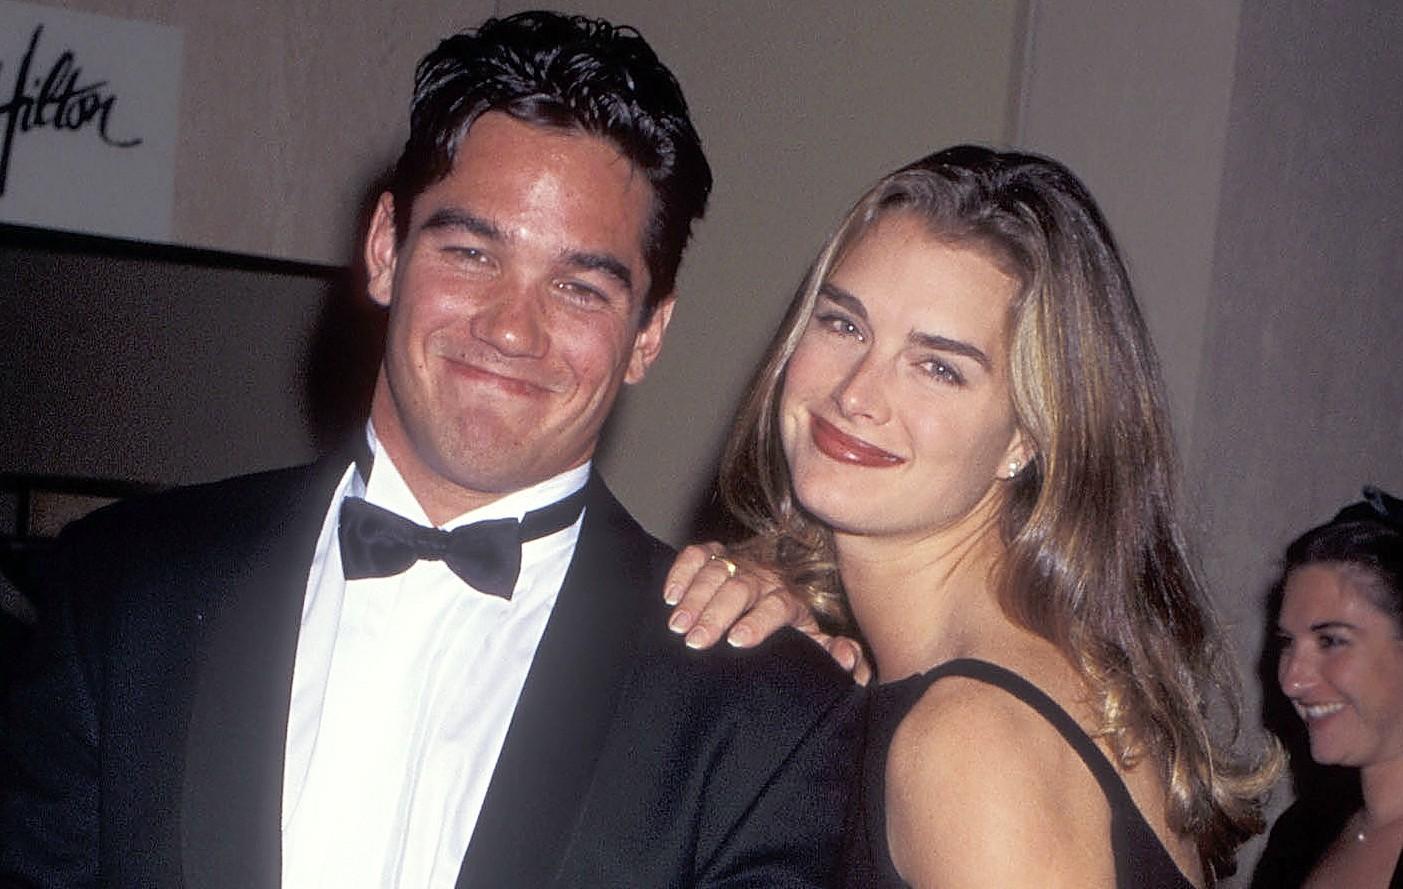 Há 19 anos: Brooke Shields e Dean Cain em novembro de 1995. (Foto: Getty Images)